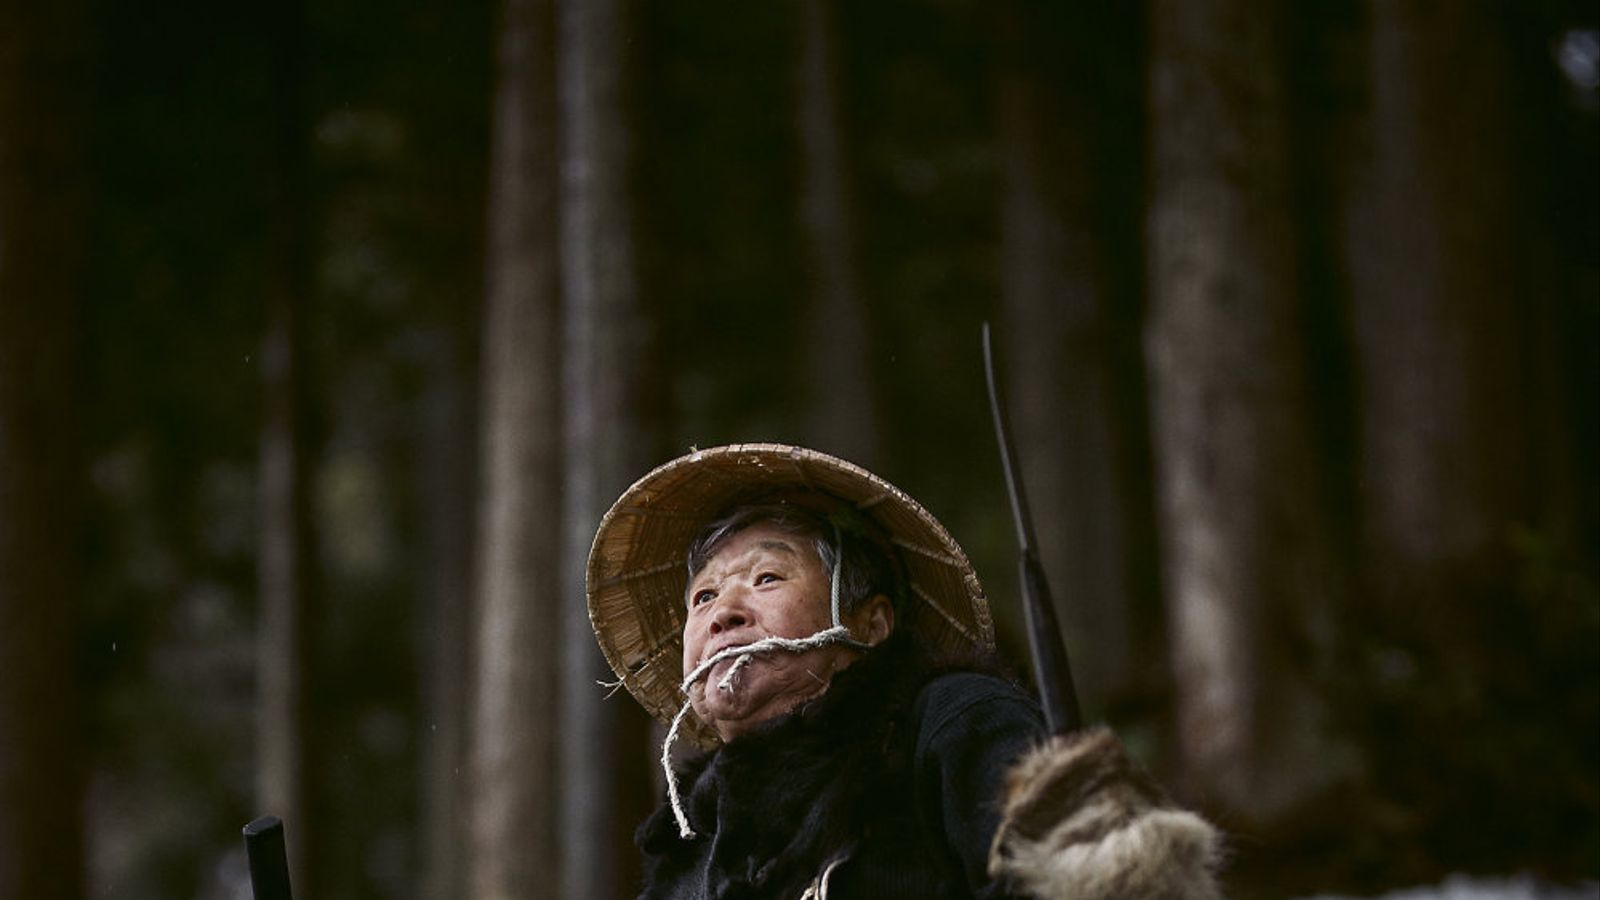 Hideo-san, un dels líders de la comunitat d'Animatagi, vestit amb una barreja de robes tradicionals i una llança que pertany a la seva família des de fa nou generacions